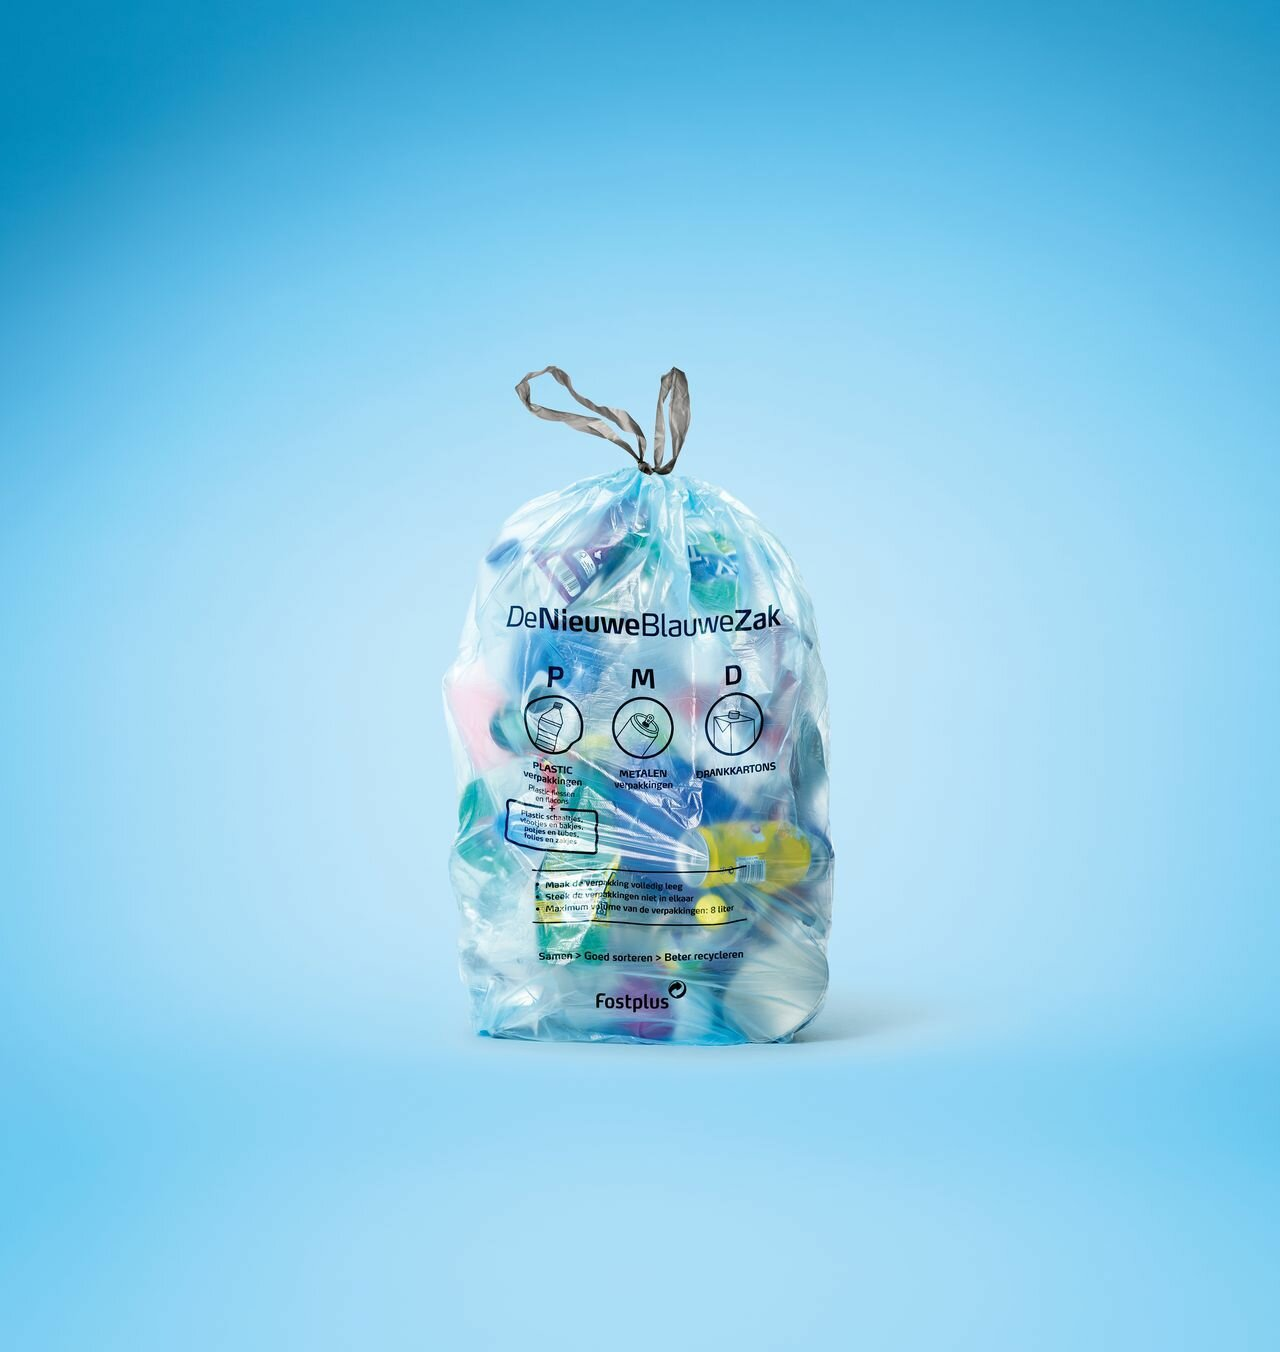 Het plastic dat jij sorteert, recycleren wij tot grondstoffen voor nieuwe producten. Elk product is gemaakt uit 100% gerecycleerde restplastics, die je opnieuw kan recycleren. Zo maken we samen de cirkel weer rond.